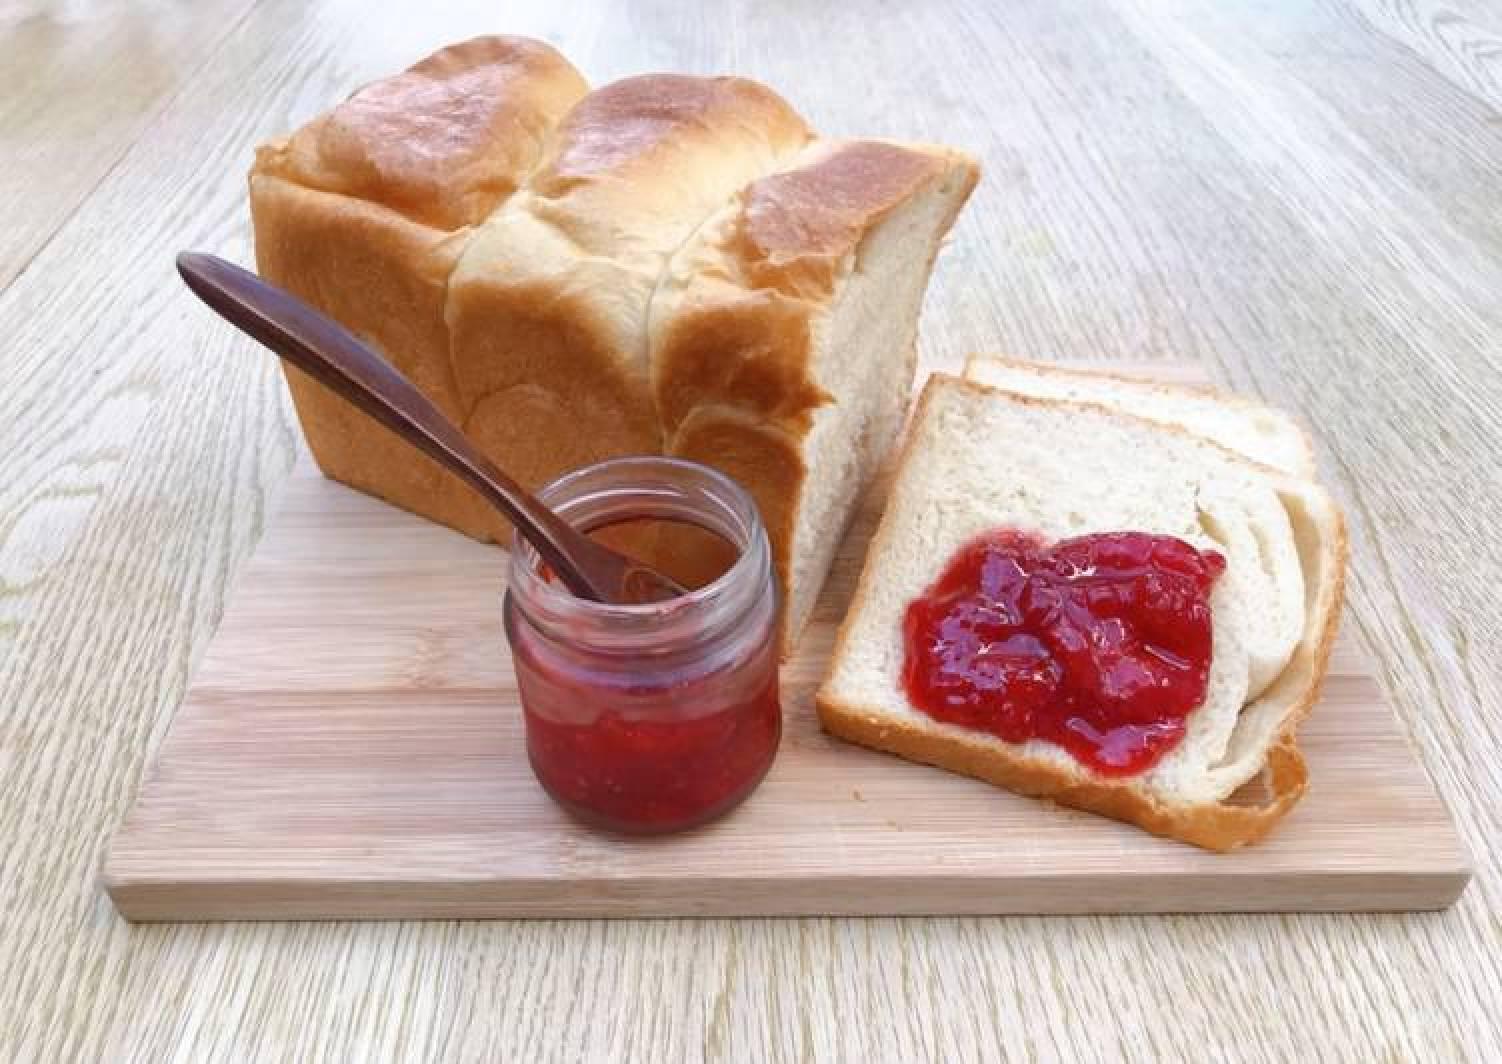 Super simple homemade strawberry jam